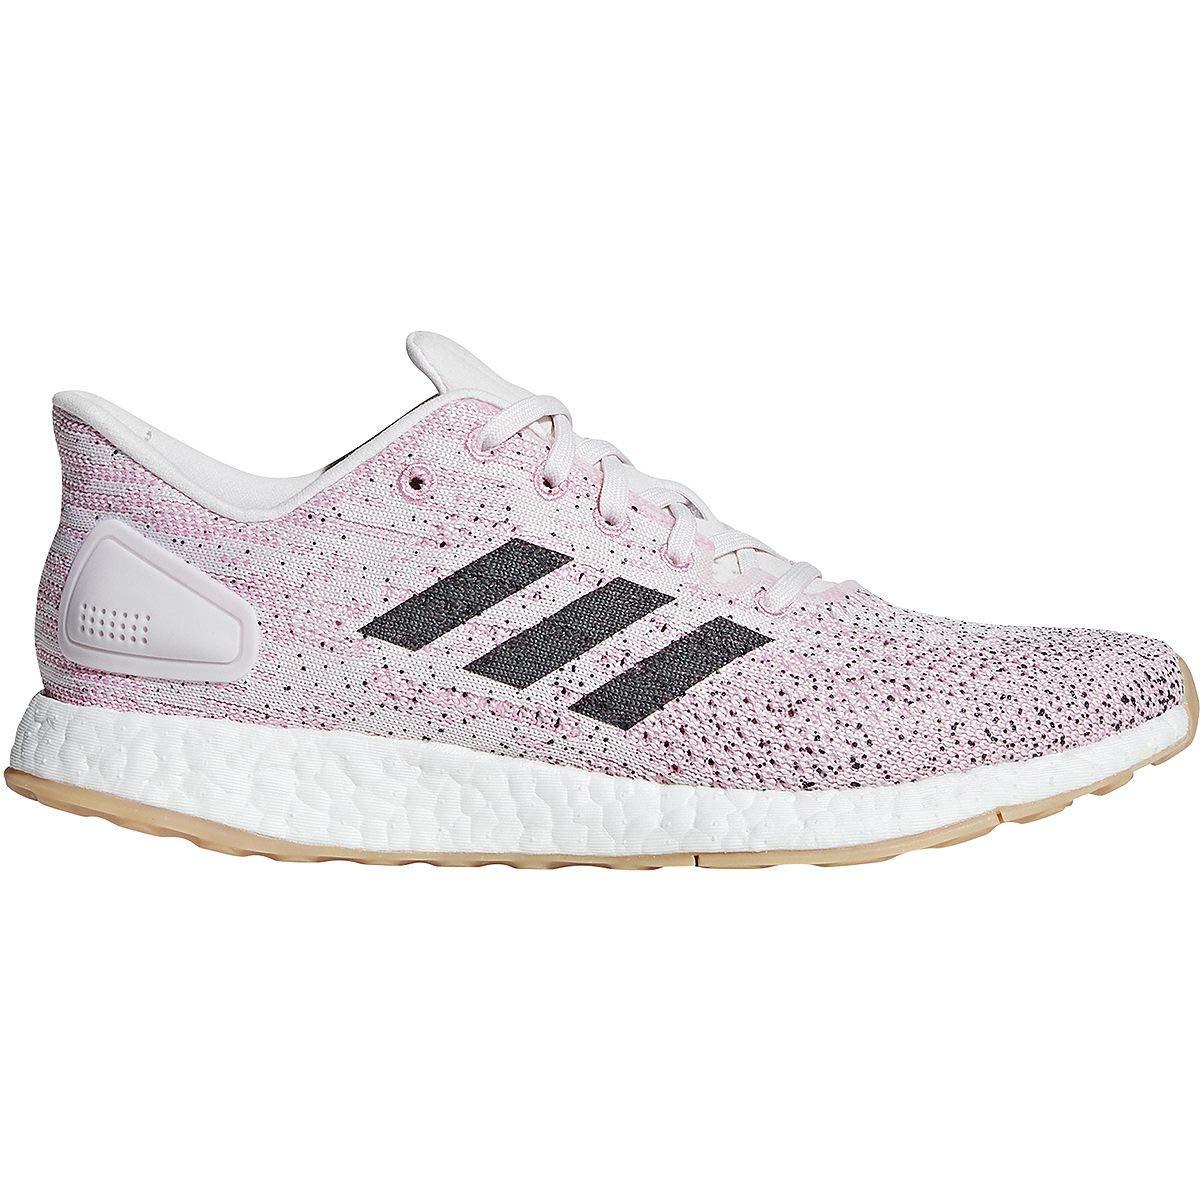 選ぶなら [アディダス] レディース ランニング Pureboost [アディダス] DPR Pureboost Running Shoe Shoe [並行輸入品] B07NZMBRSK 9.5, Rabbit store:54156007 --- application.woxpedia.com